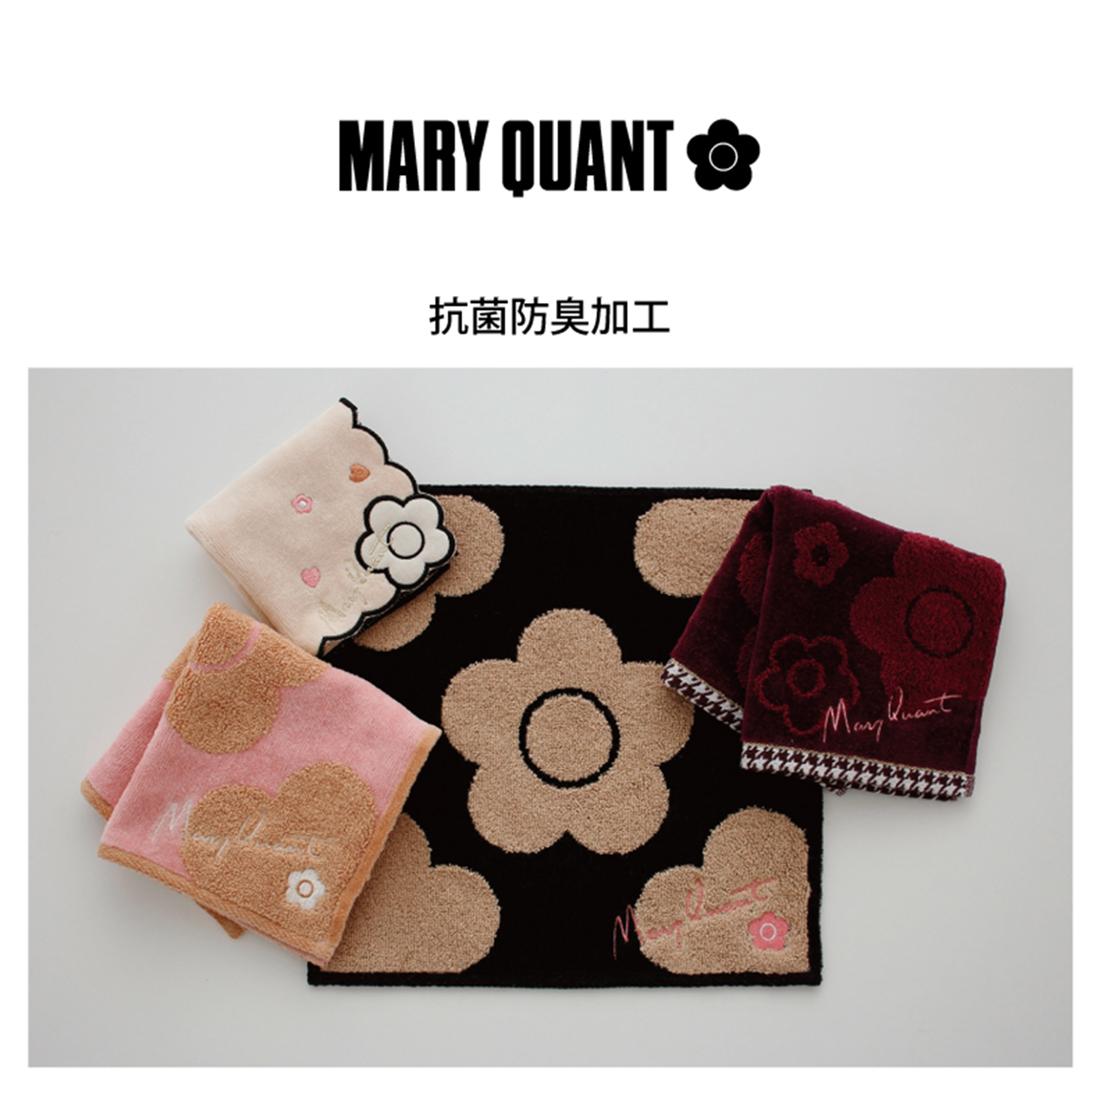 マリークヮント タオルハンカチ 1502 ホワイト 【MARY QUANT マリークワント マリクワ】